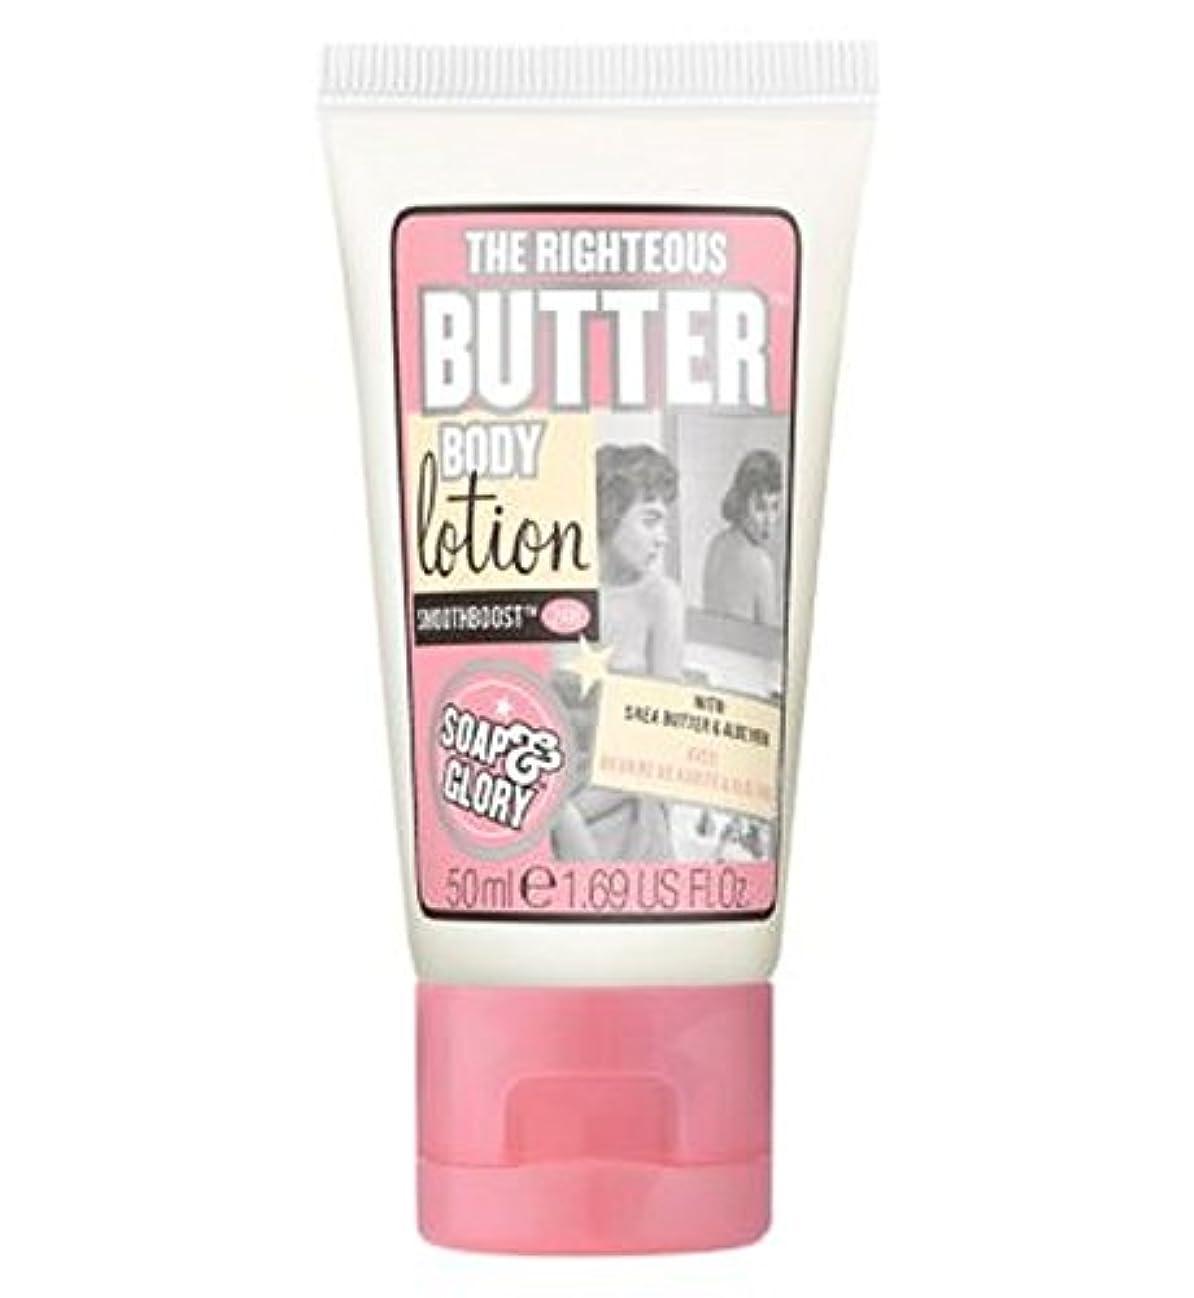 光時計回りメーターSoap & Glory The Righteous Butter Lotion 50ml - 石鹸&栄光正義のバターローション50ミリリットル (Soap & Glory) [並行輸入品]